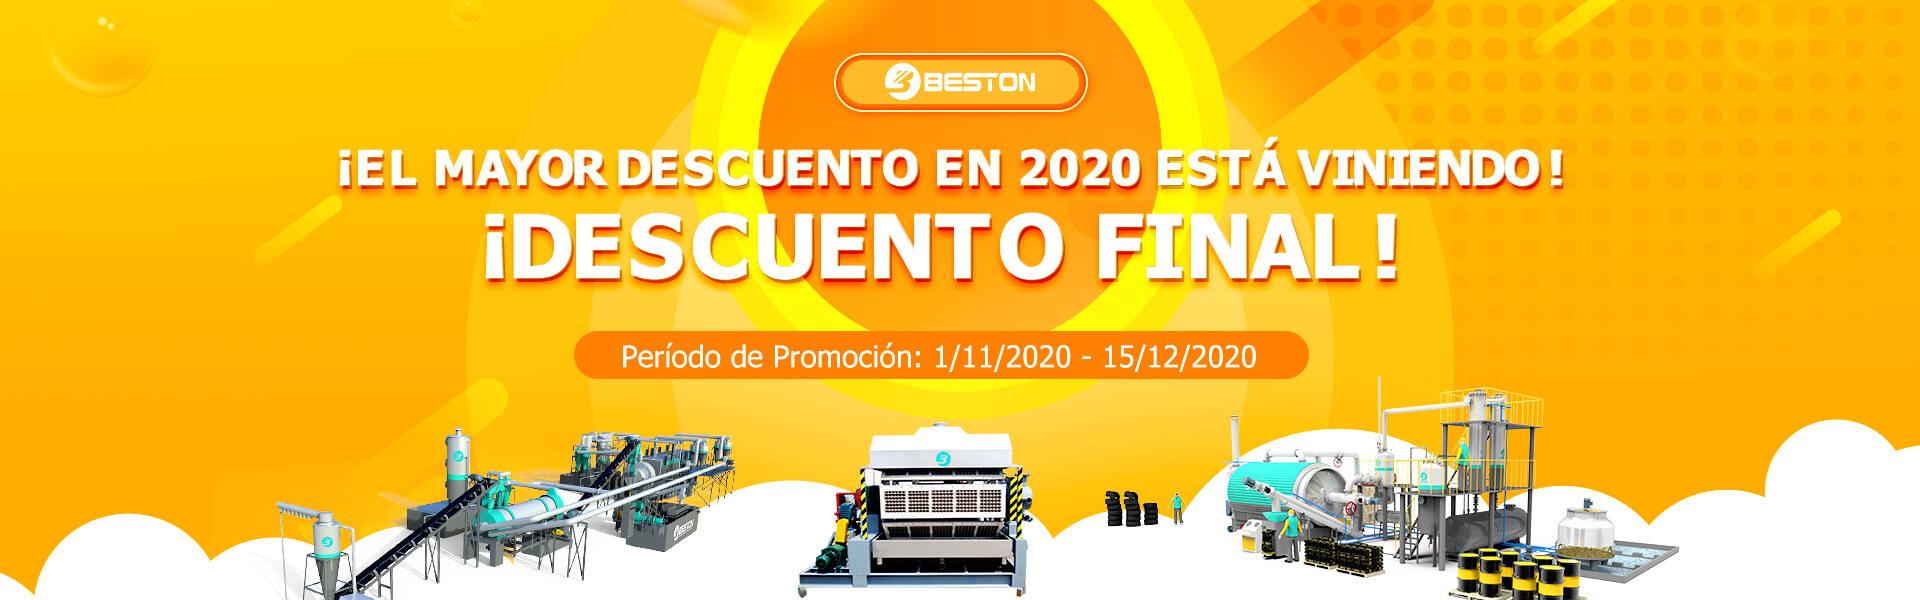 Descuento Final - 2020 Beston Promoción